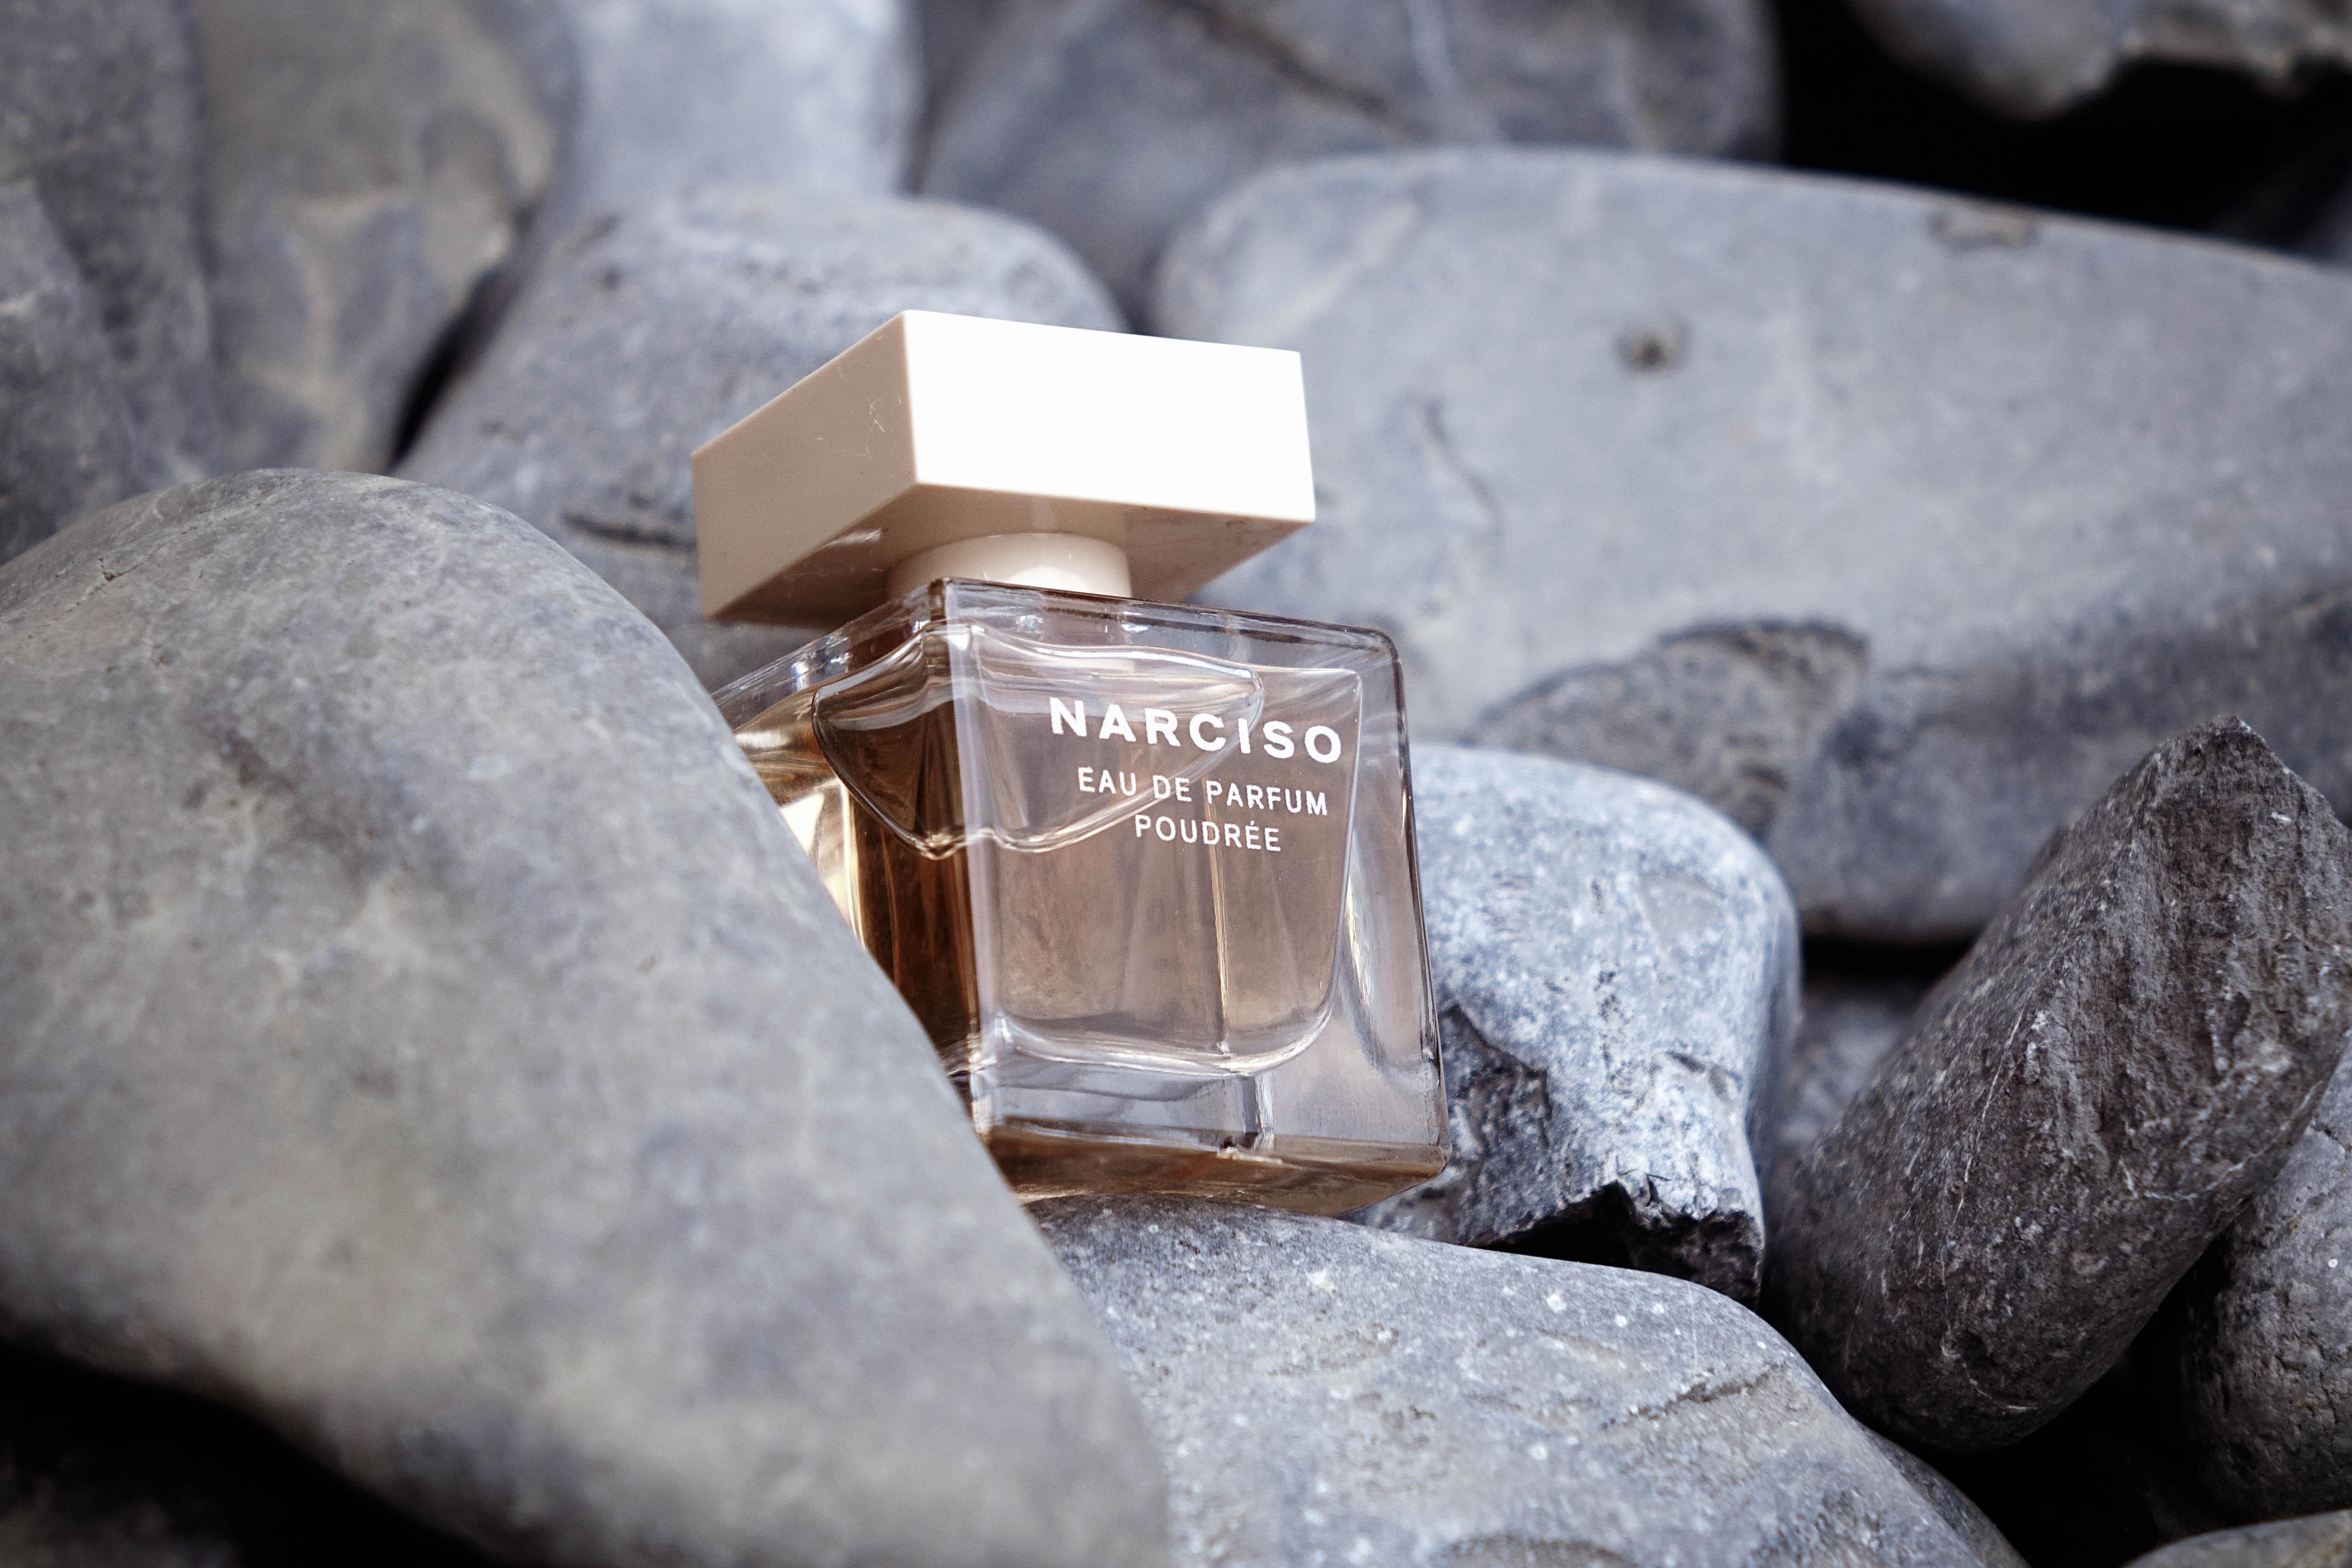 JANIS-EN-SUCRE-Narciso-Poudrée-06